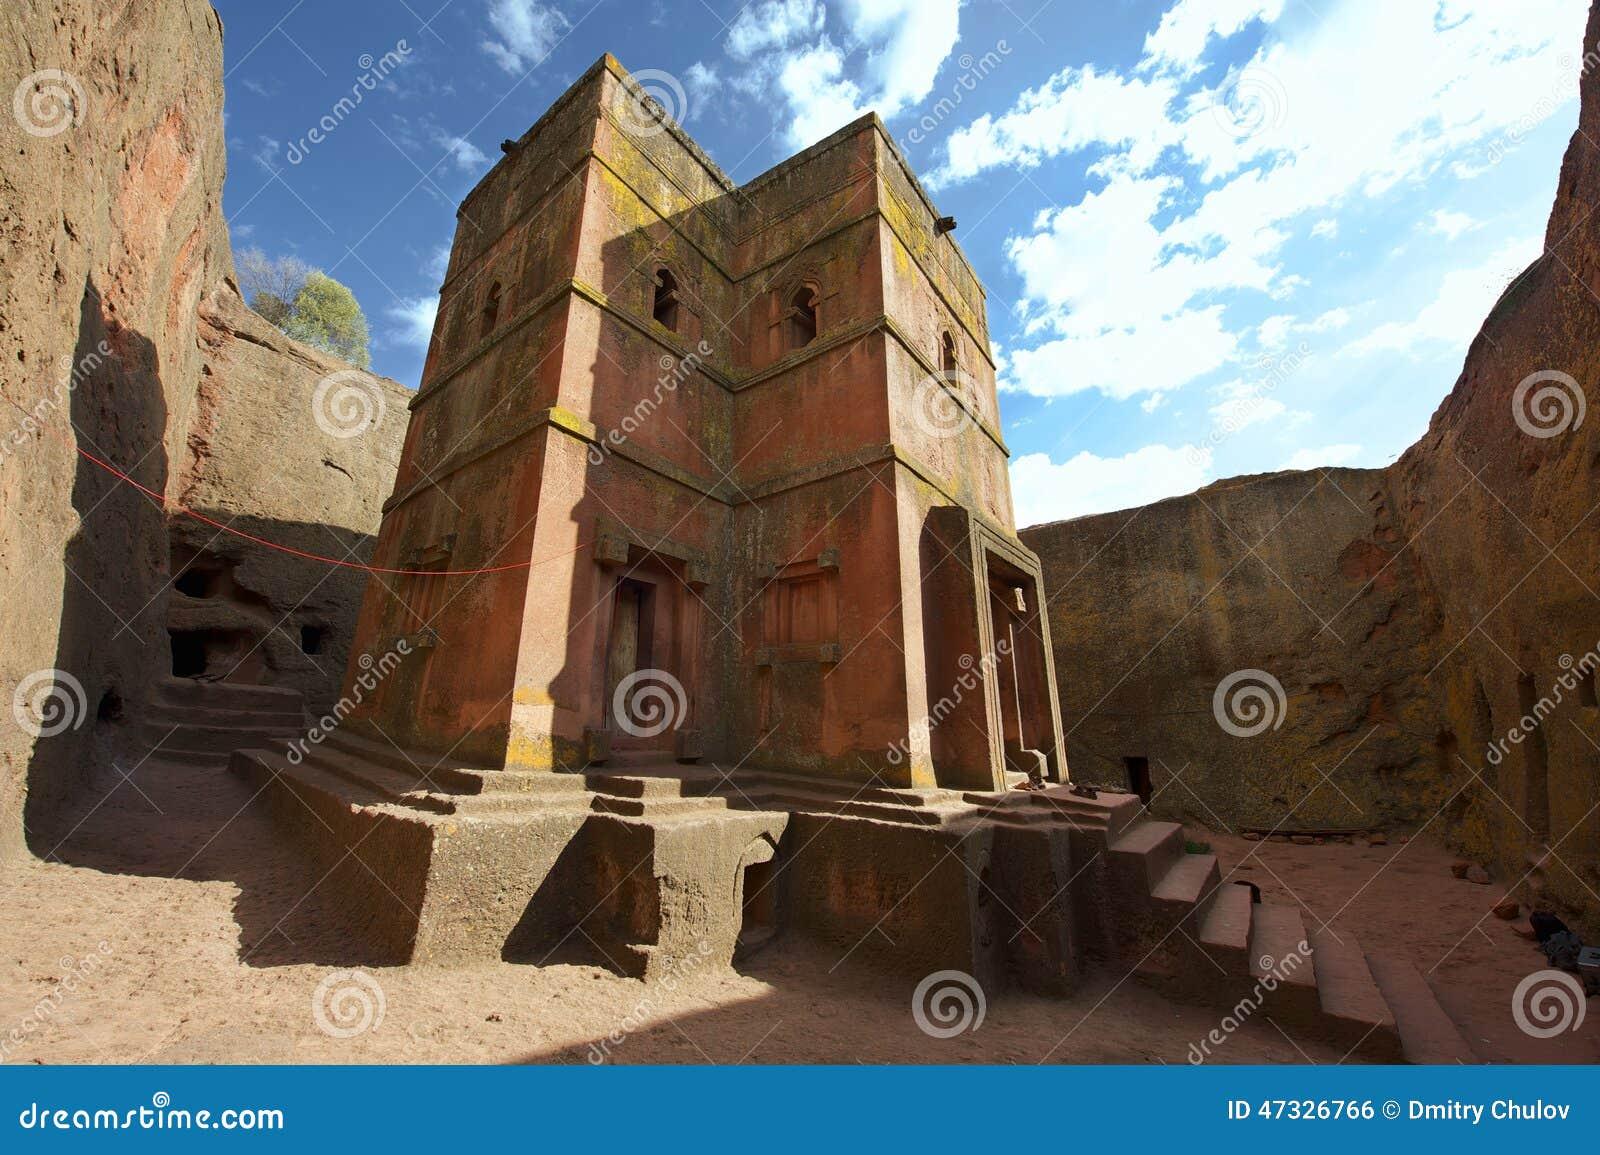 Chiesa roccia-spaccata monolitica unica di St George, patrimonio mondiale dell Unesco, Lalibela, Etiopia